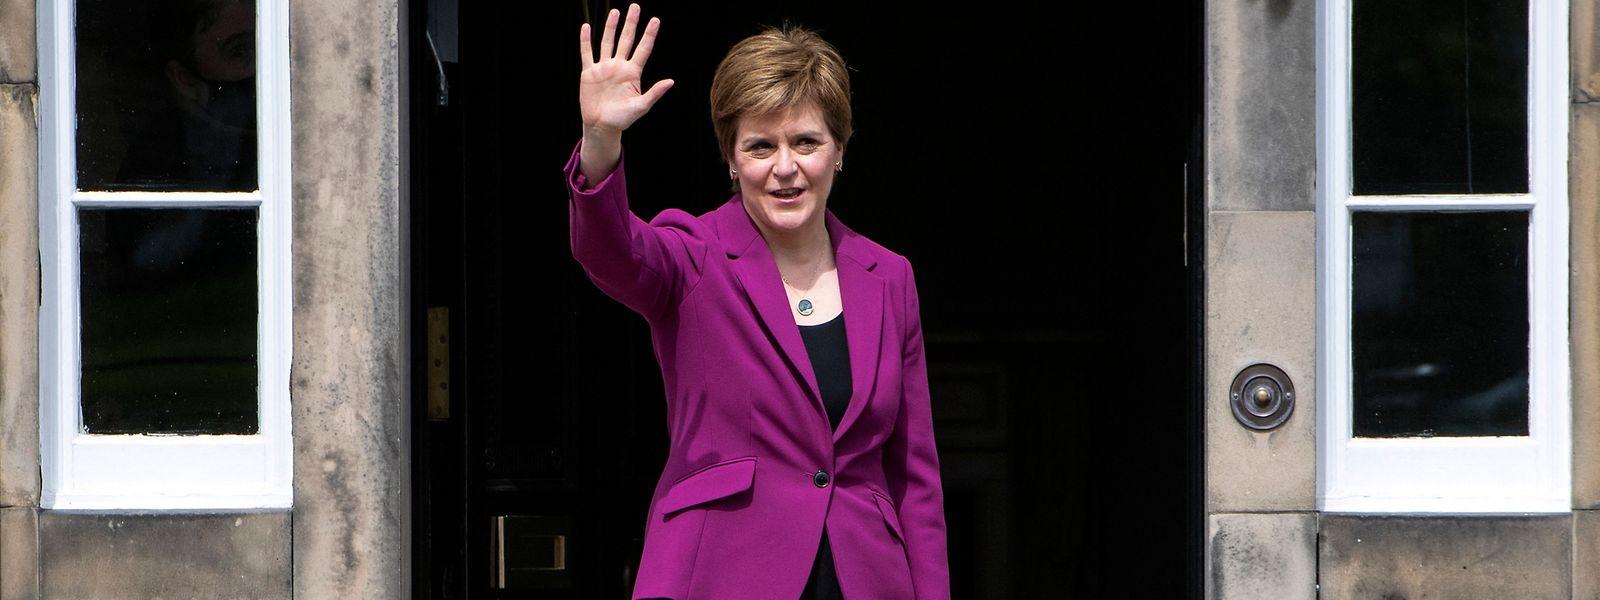 Die schottische Regierungschefin Nicola Sturgeon will eine neue Abstimmung über die Unabhängigkeit in die Wege leiten.